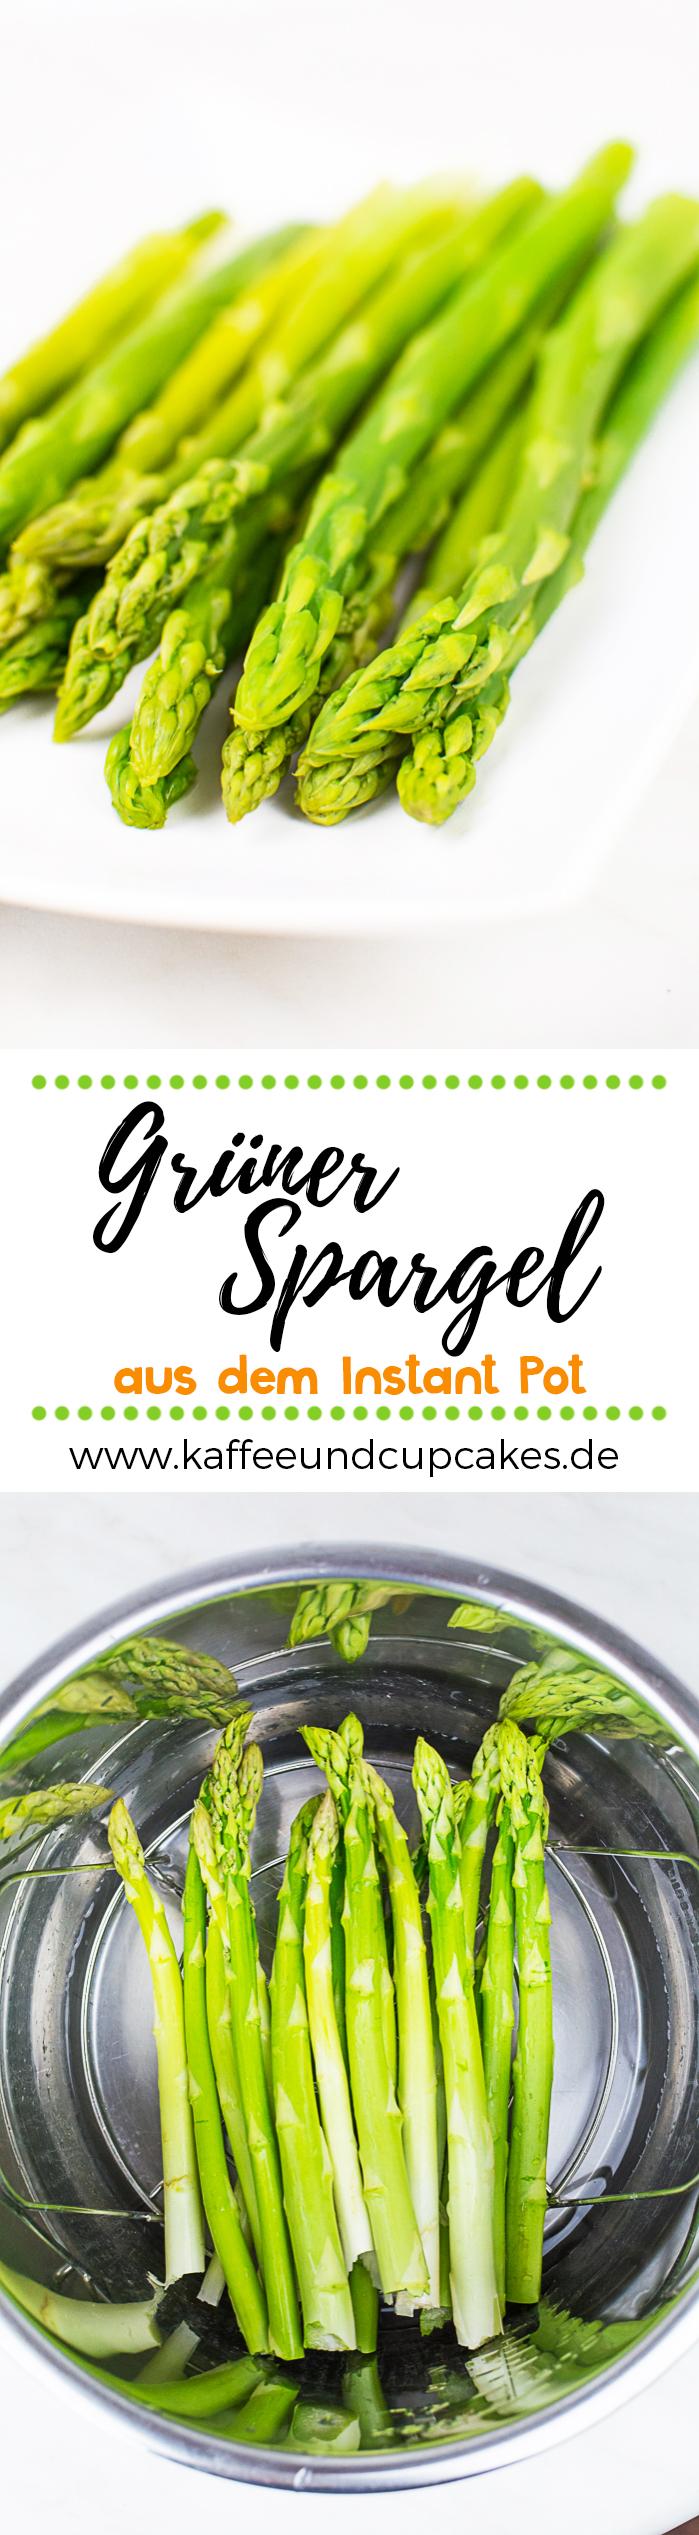 Kochen mit dem Instant Pot: Grüner Spargel